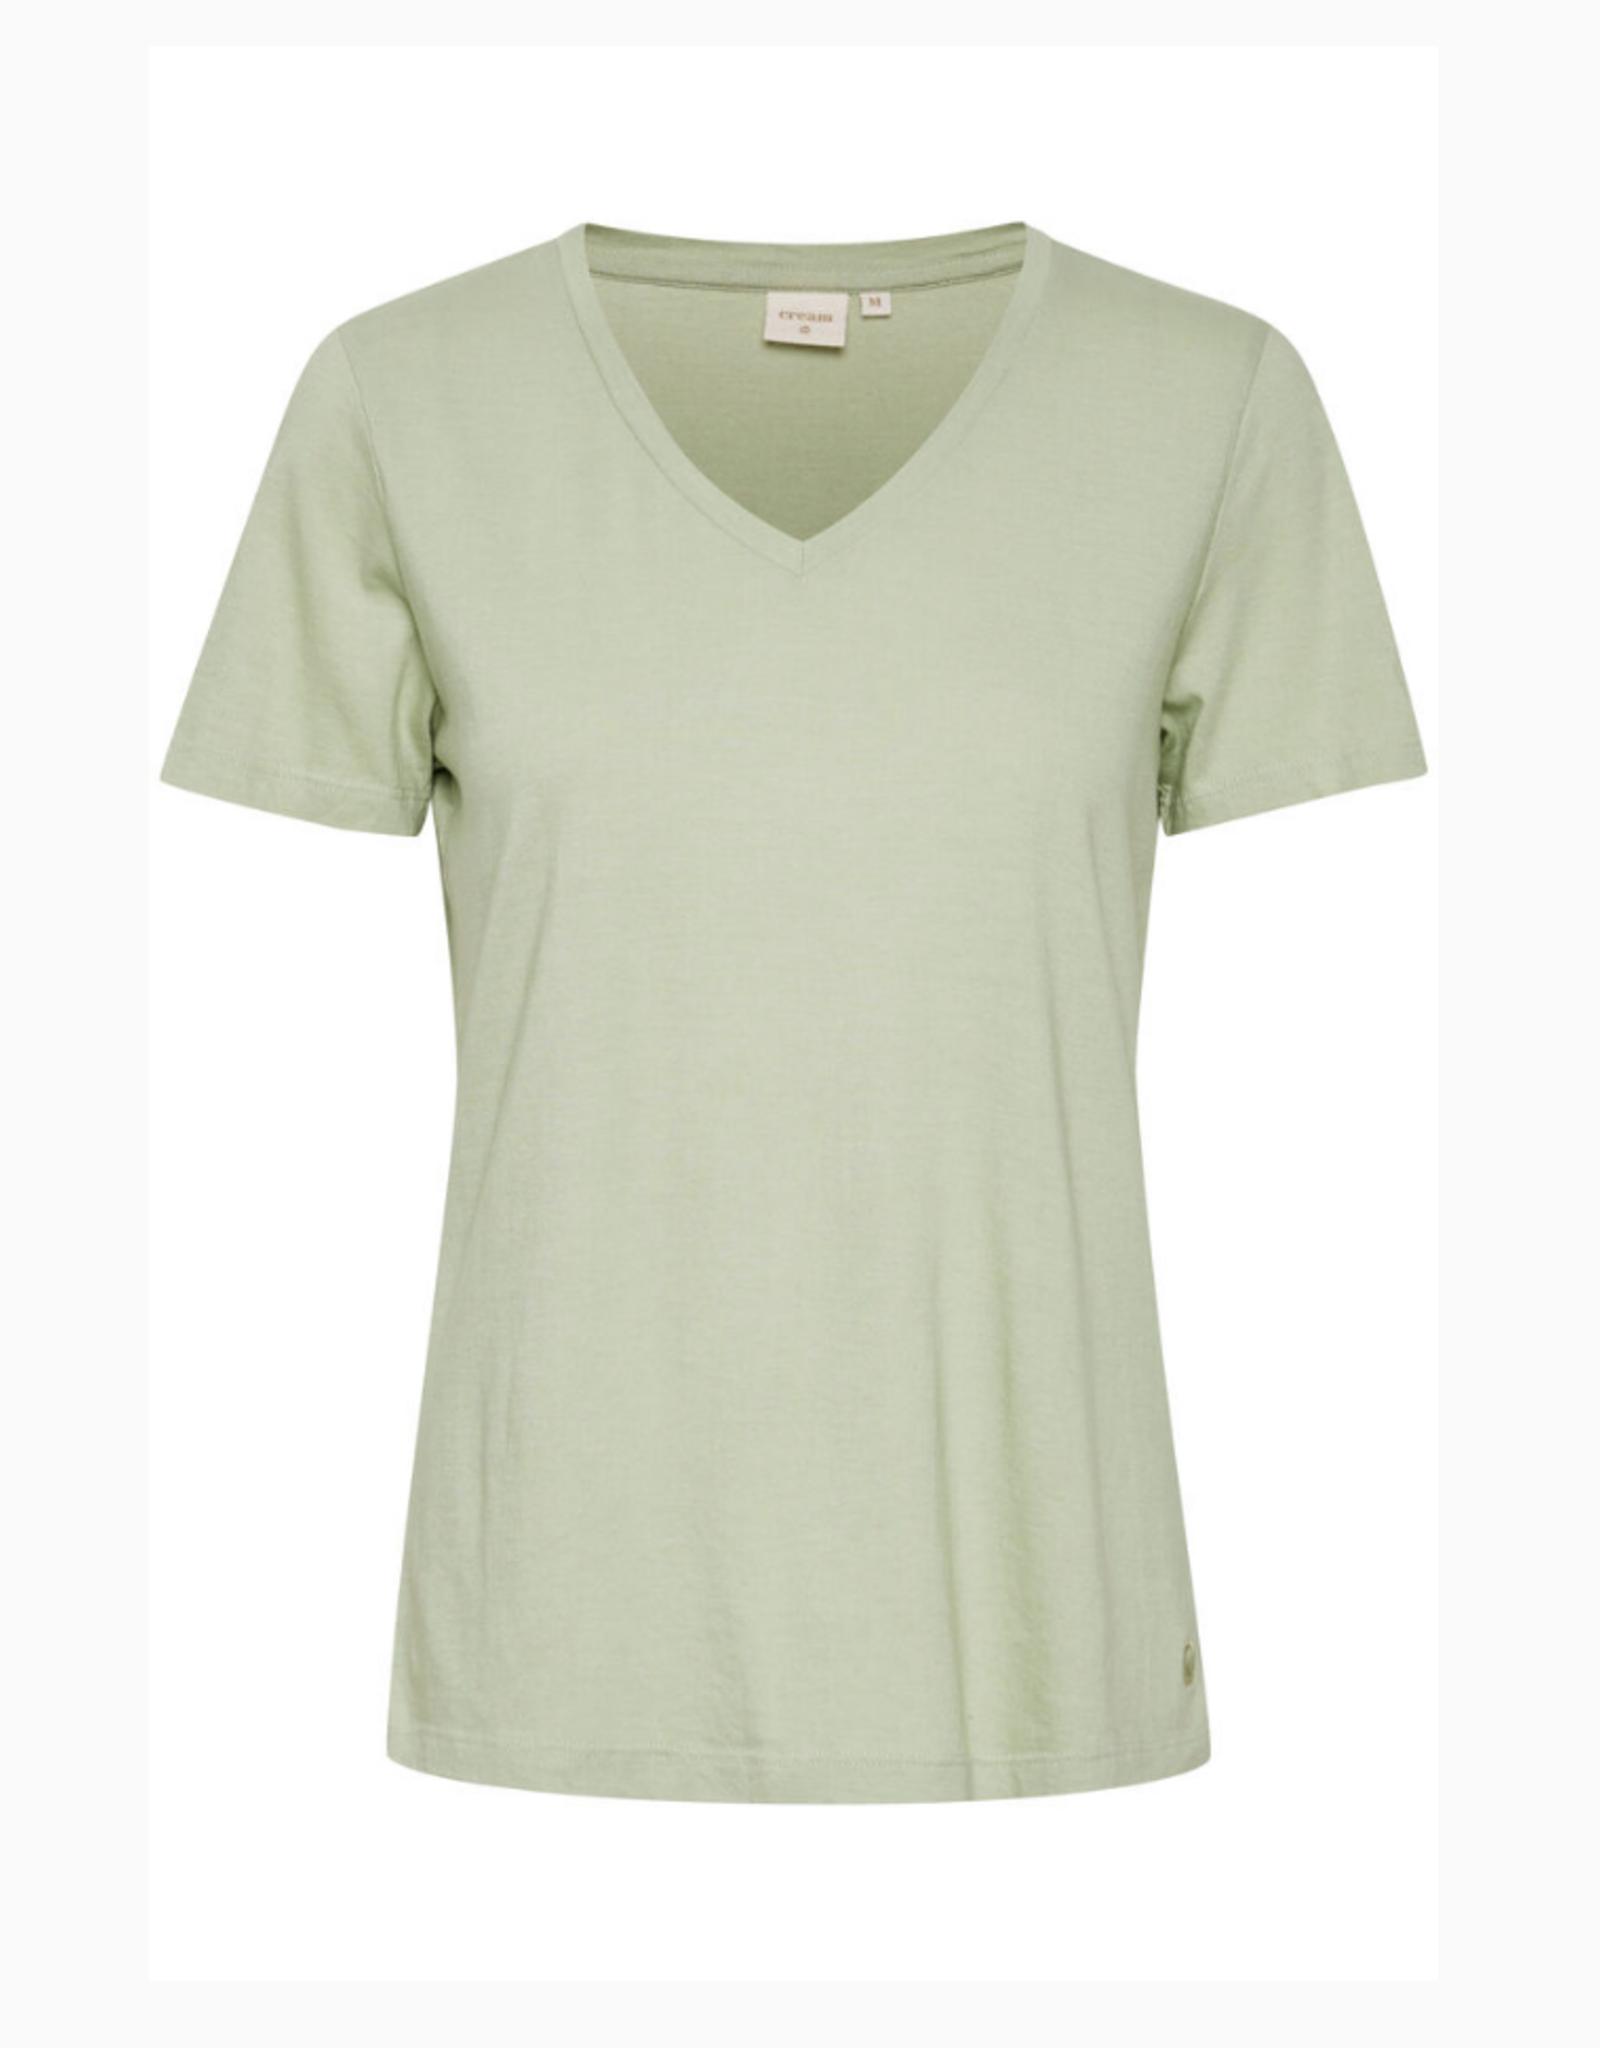 Cream Cream - Naia t-shirt